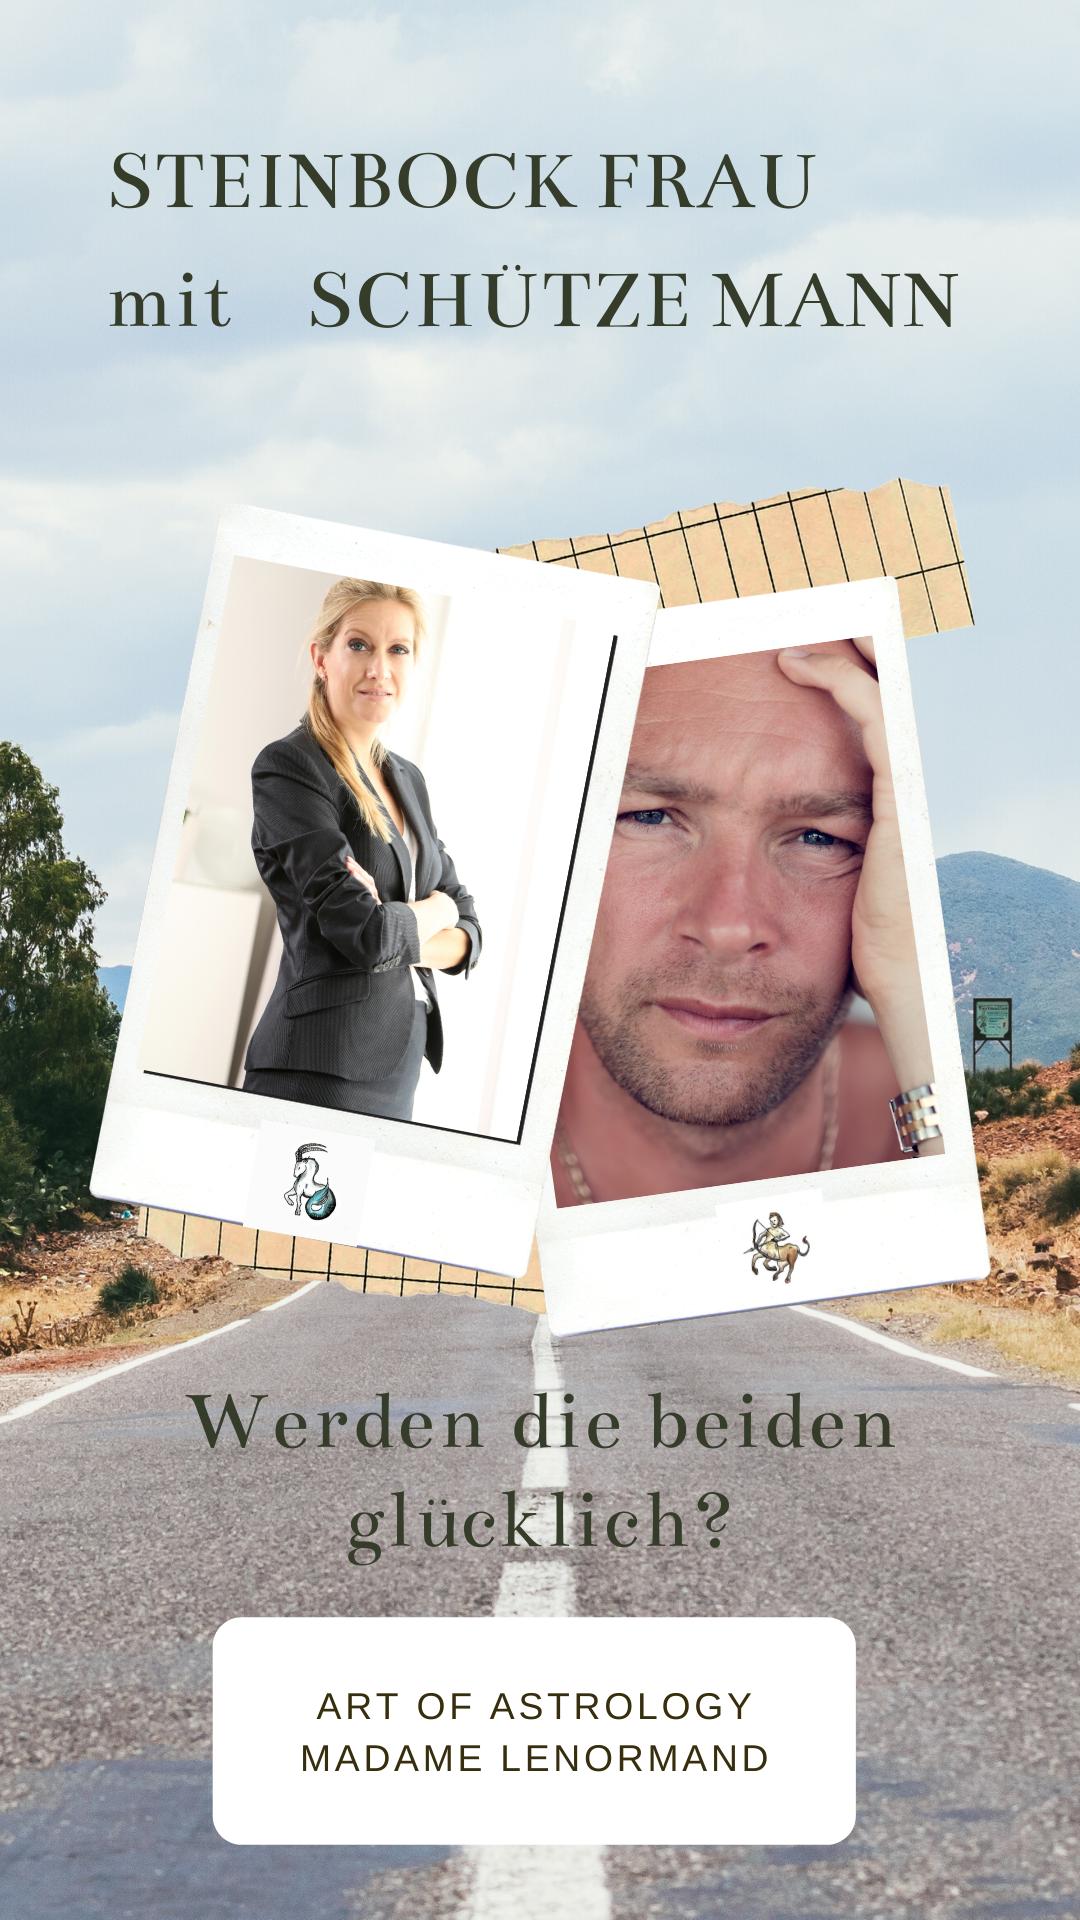 Schütze Frau Und Steinbock Mann